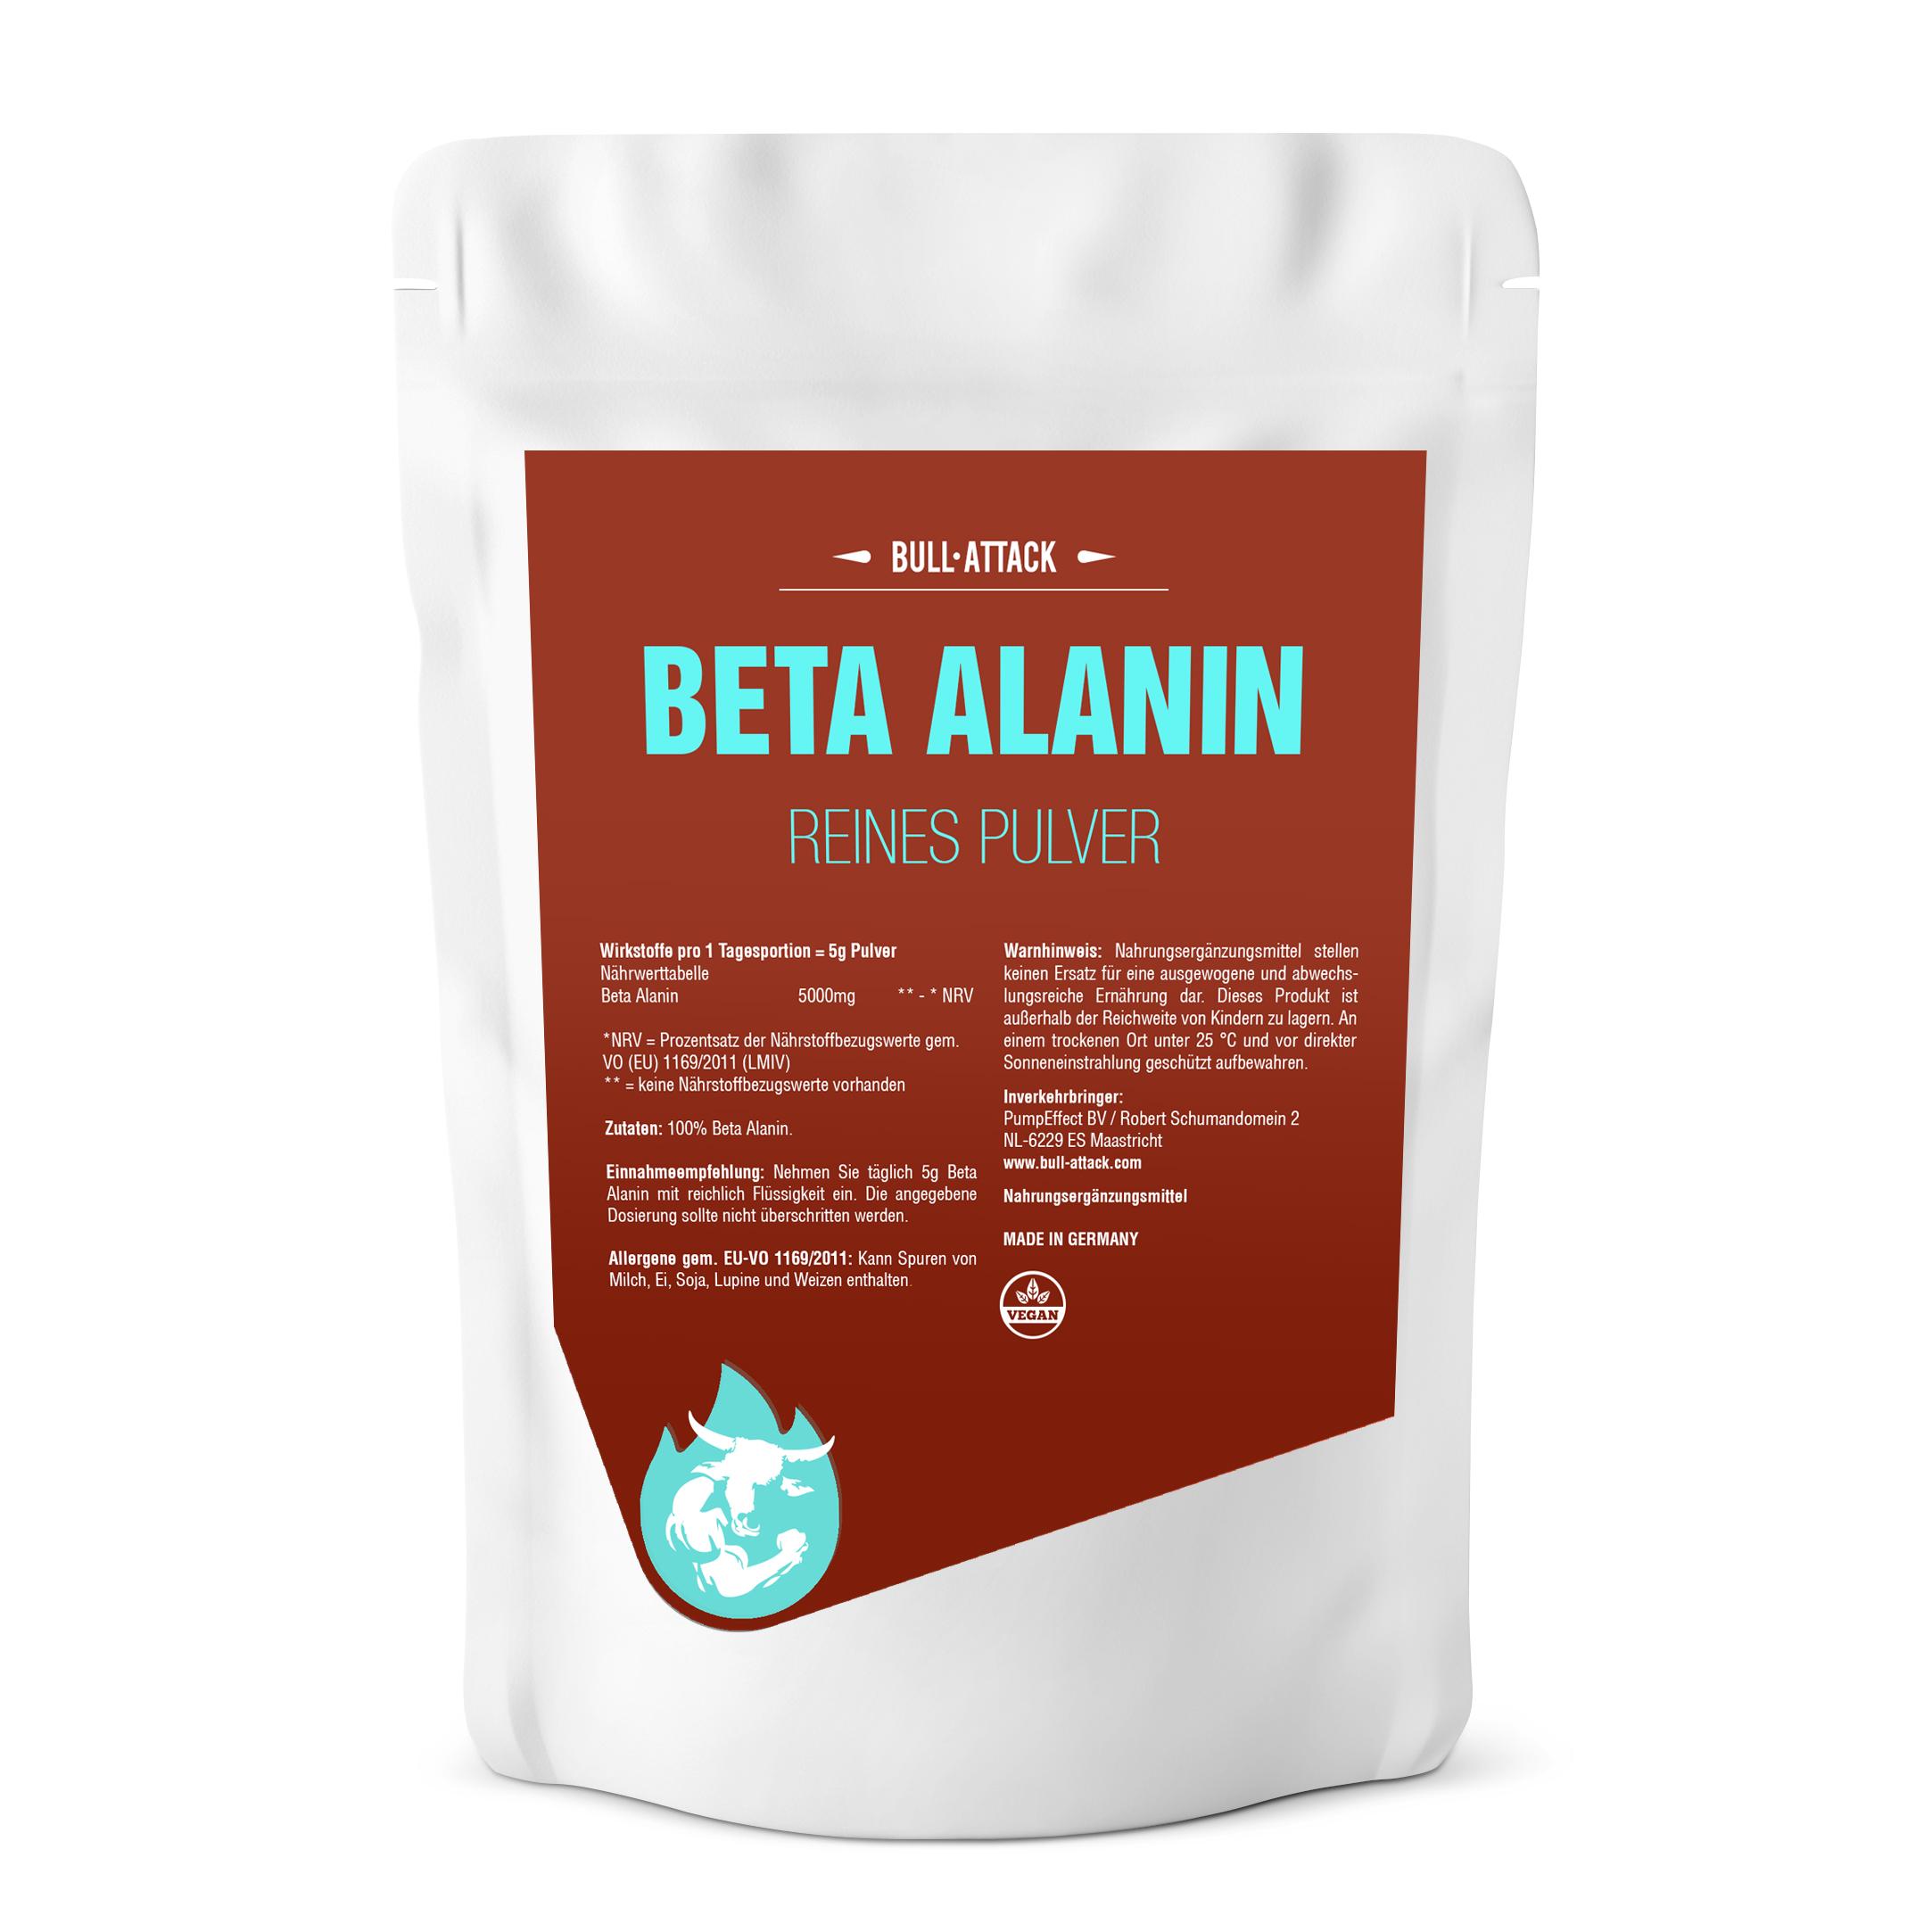 Beta Alanin Pulver | ab 500g reines, hochwertiges Pulver